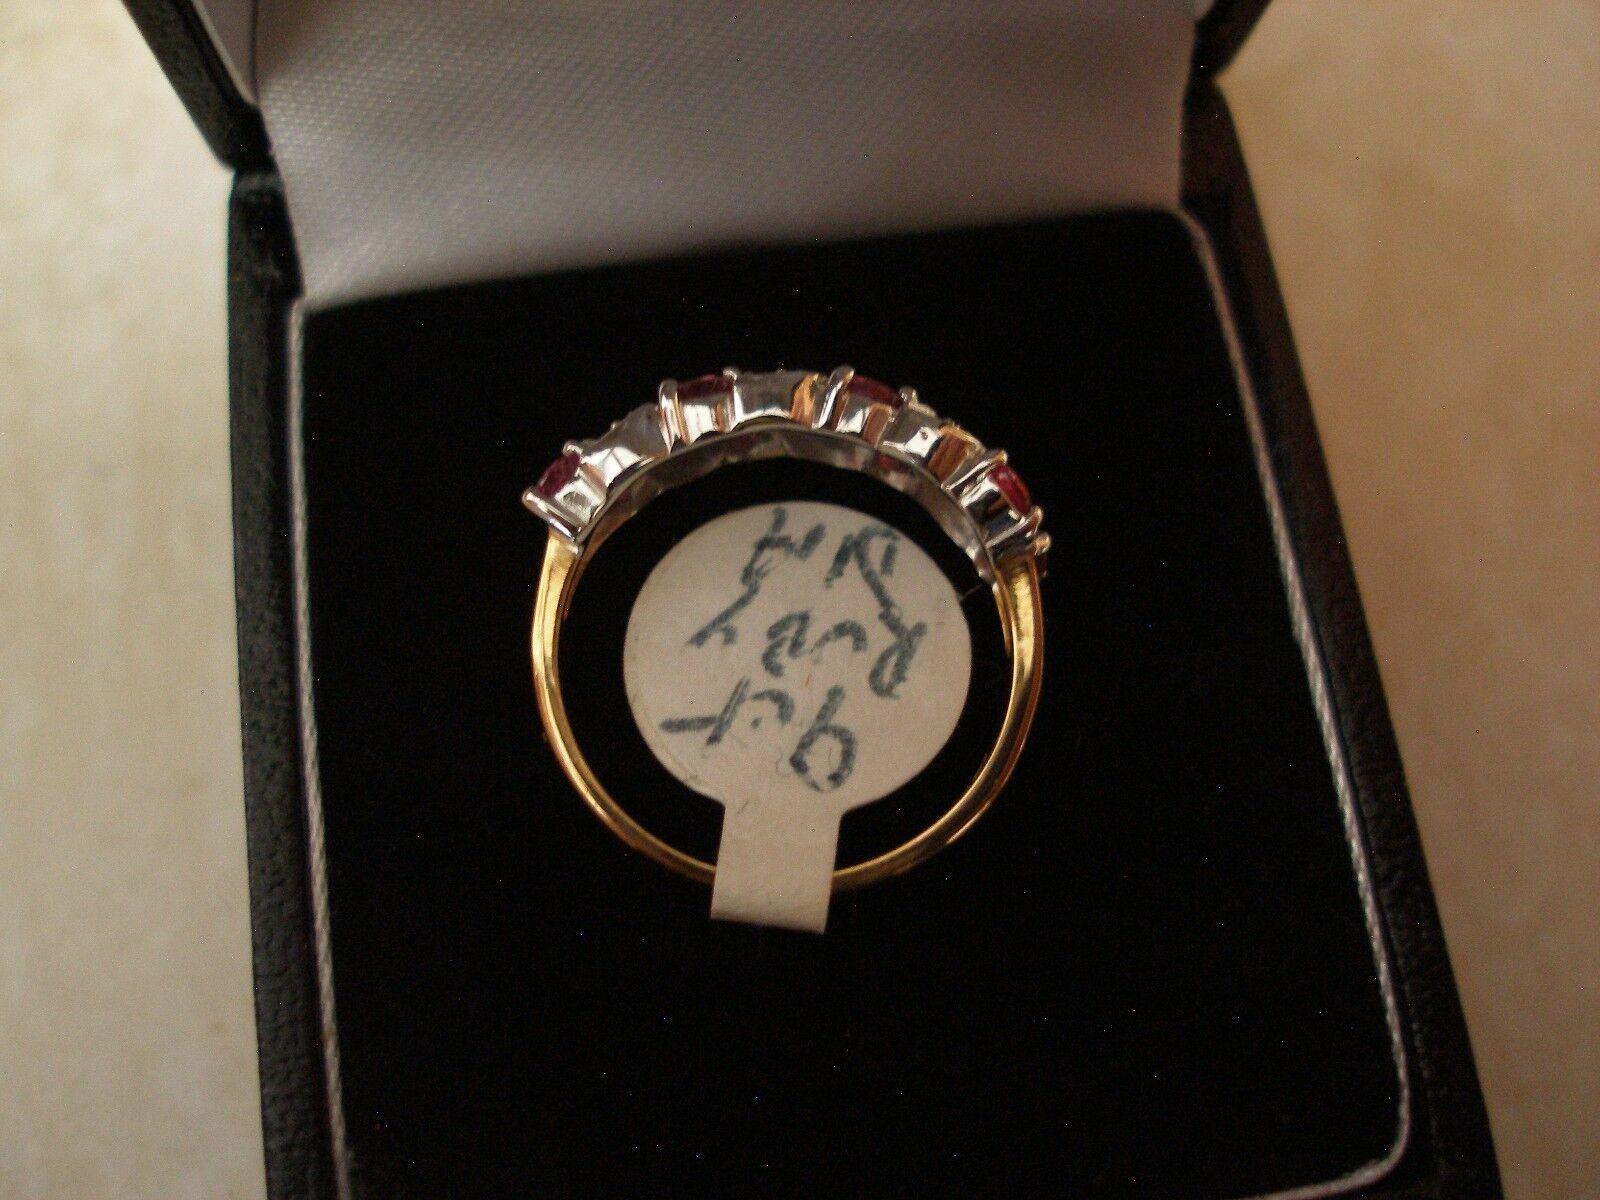 oro 9 Carati Rubino E Diamante Set Anello Anello Anello Eternity o Abito MADE IN ENGLAND NUOVO CON SCATOLA d8b977